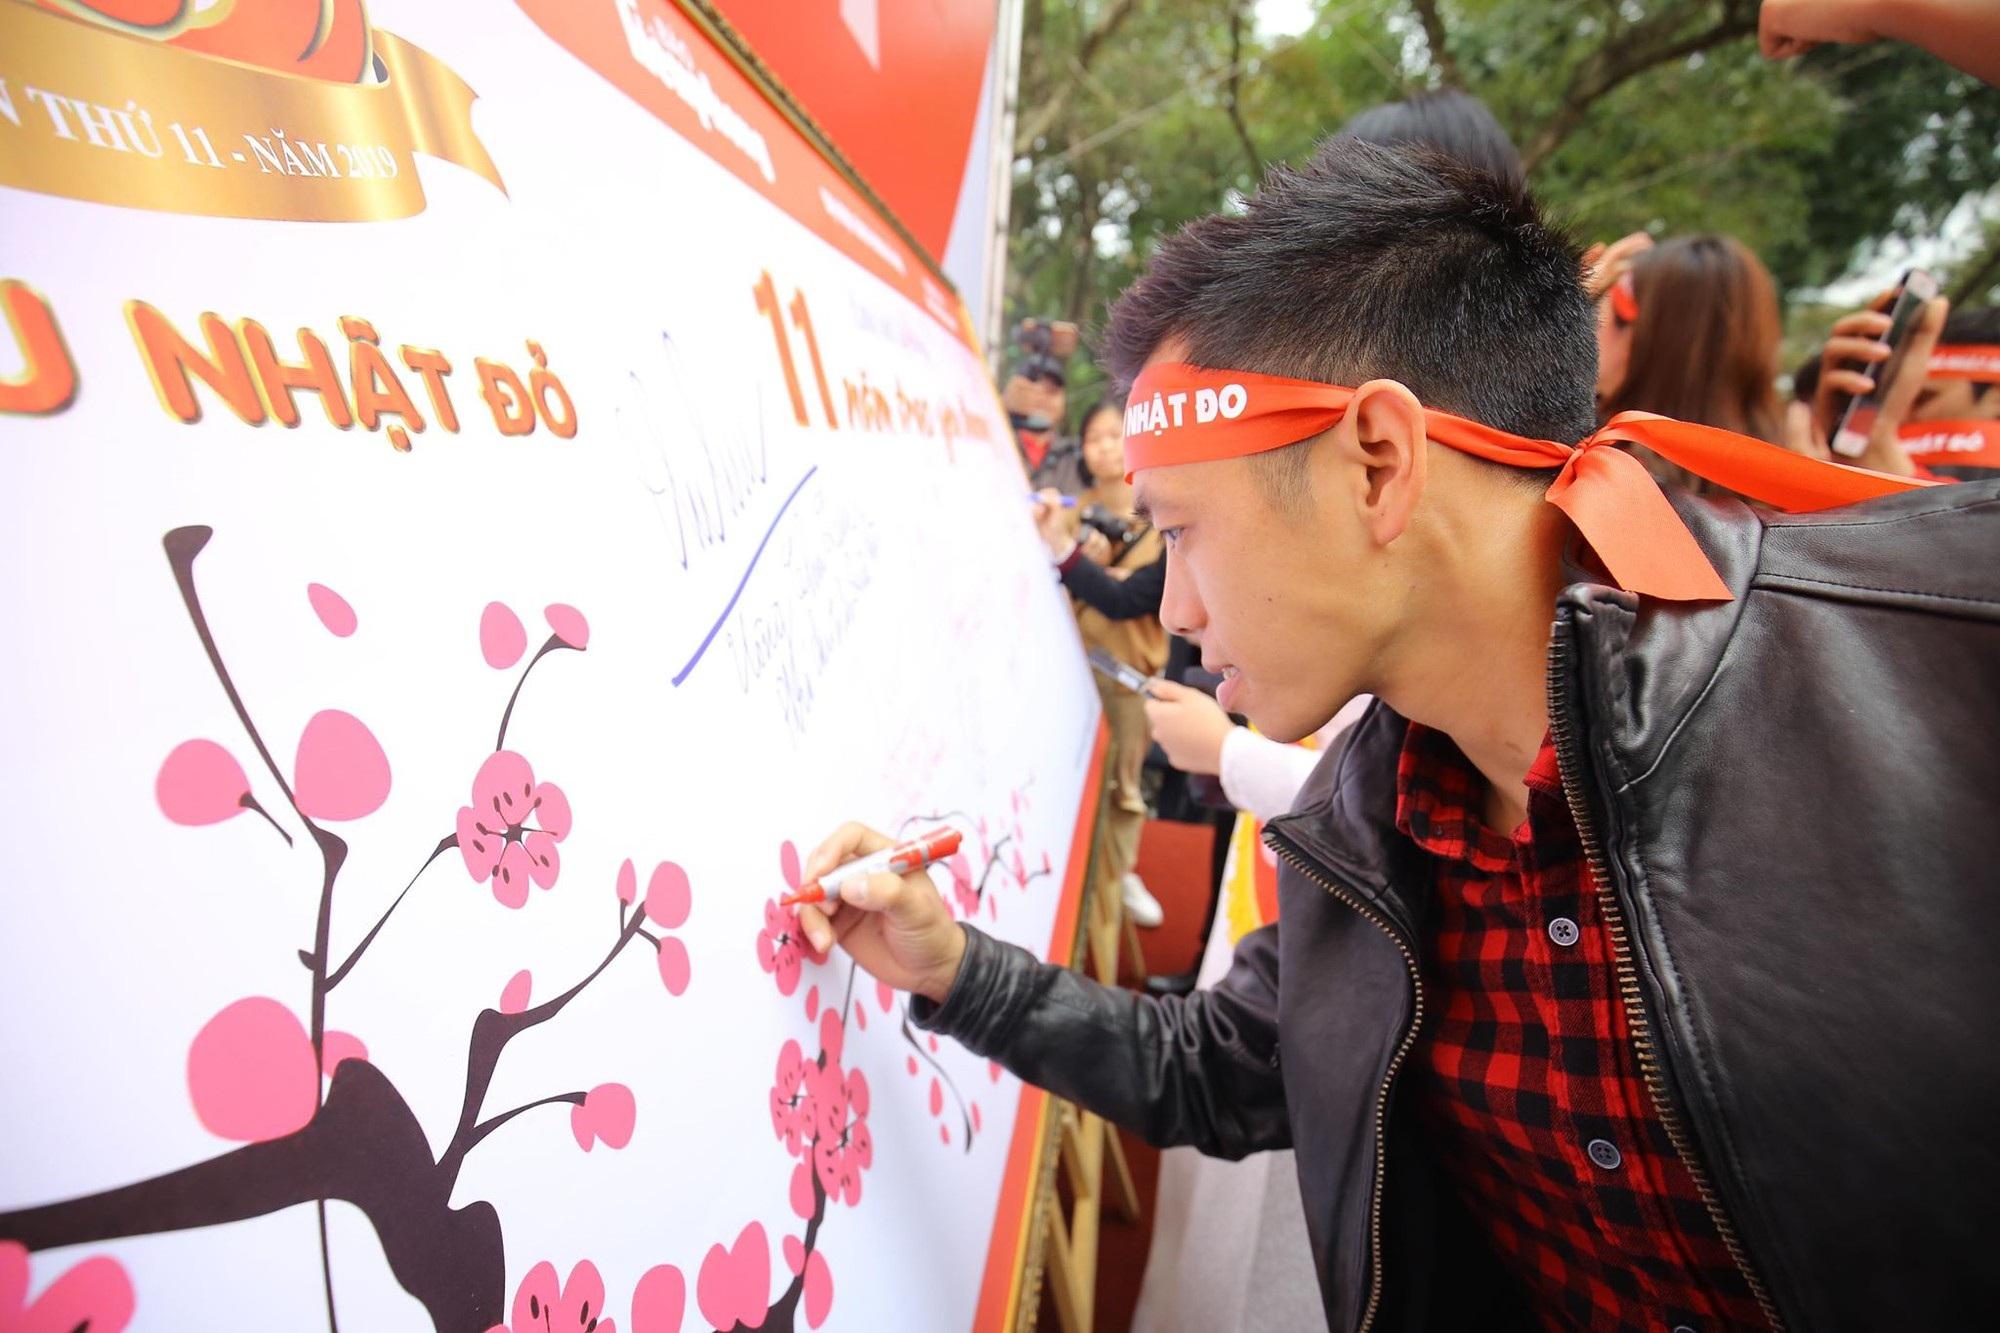 Hoa hậu Trần Tiểu Vy, cầu thủ Đình Trọng, Văn Quyết kêu gọi hiến máu tình nguyện - Ảnh 5.